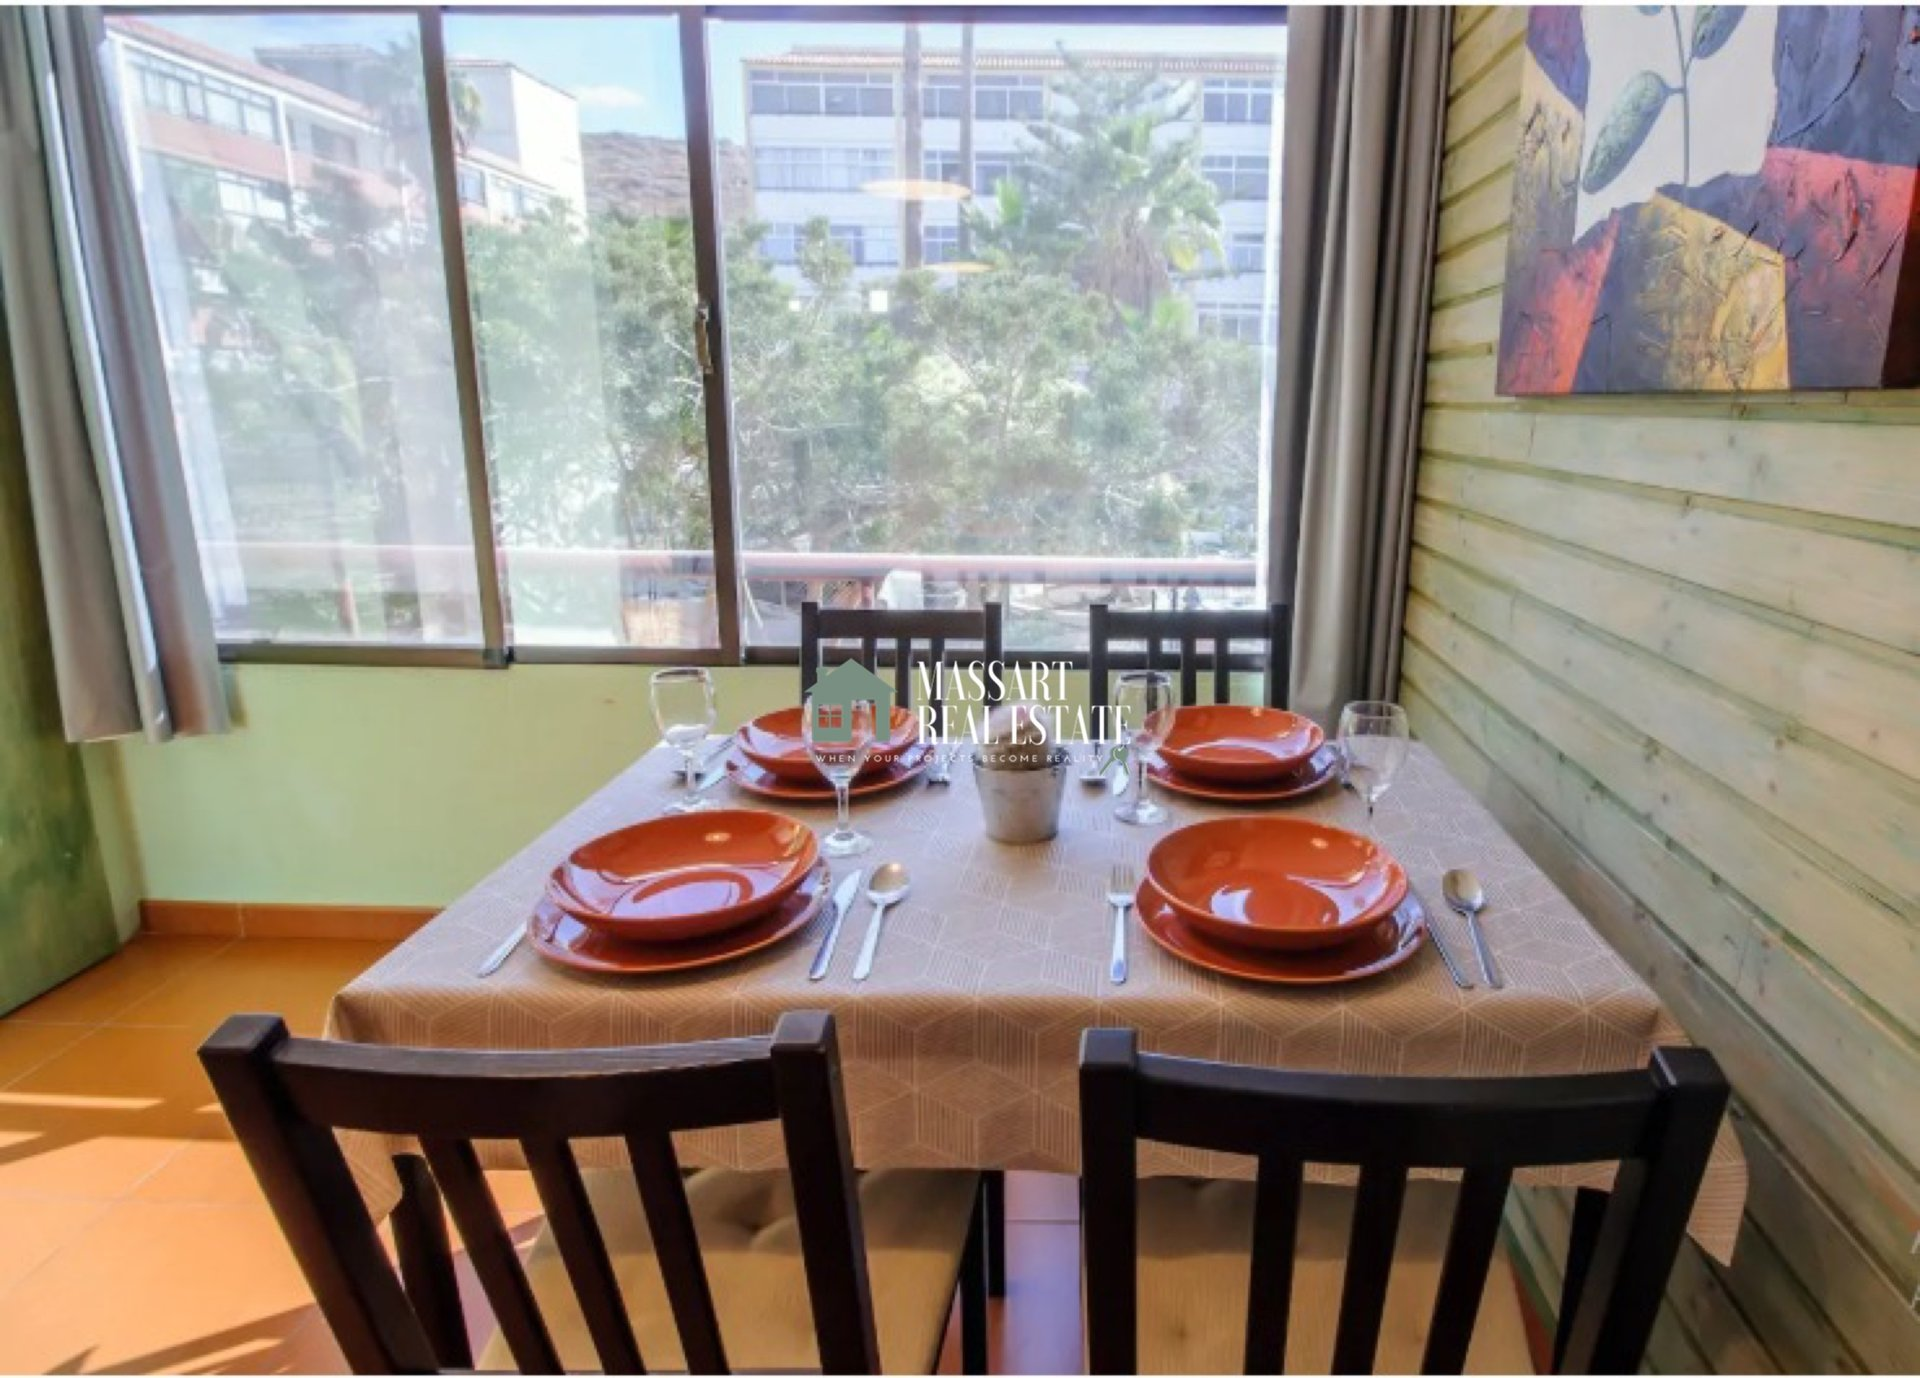 A vendre à Costa del Silencio, appartement de 47 m2 entièrement rénové et meublé ... idéal pour investissement ... il a une licence de vacances!